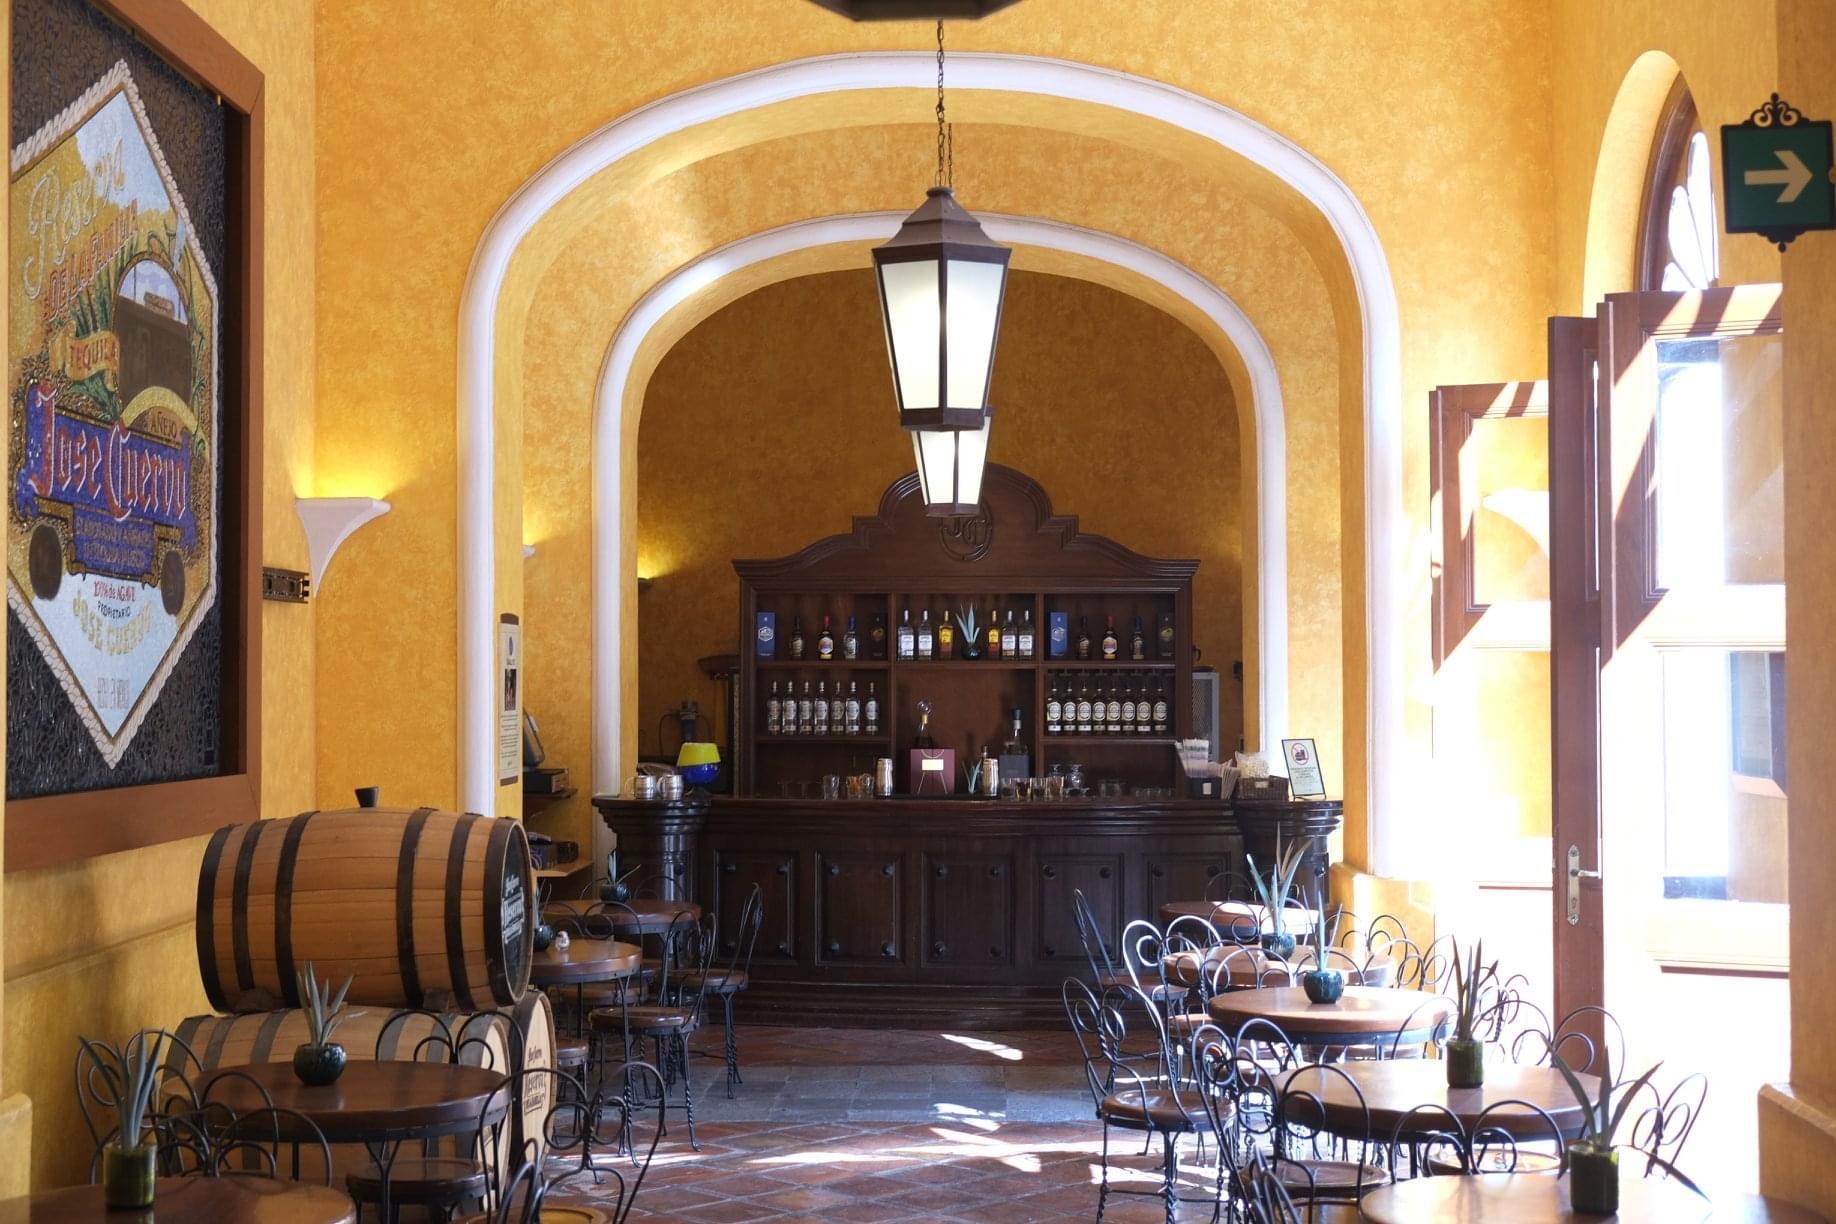 「魔法の村」(Pueblos mágicos)の一つであるテキーラ地区は、スペイン観光省下の観光革新管理技術国営企業(SEGITTUR)による認証を取得し、メキシコ及びラテンアメリカで最初の「スマート観光地(ツーリズム)」(略称:DTI)として登録された。クエルボ蒸留所